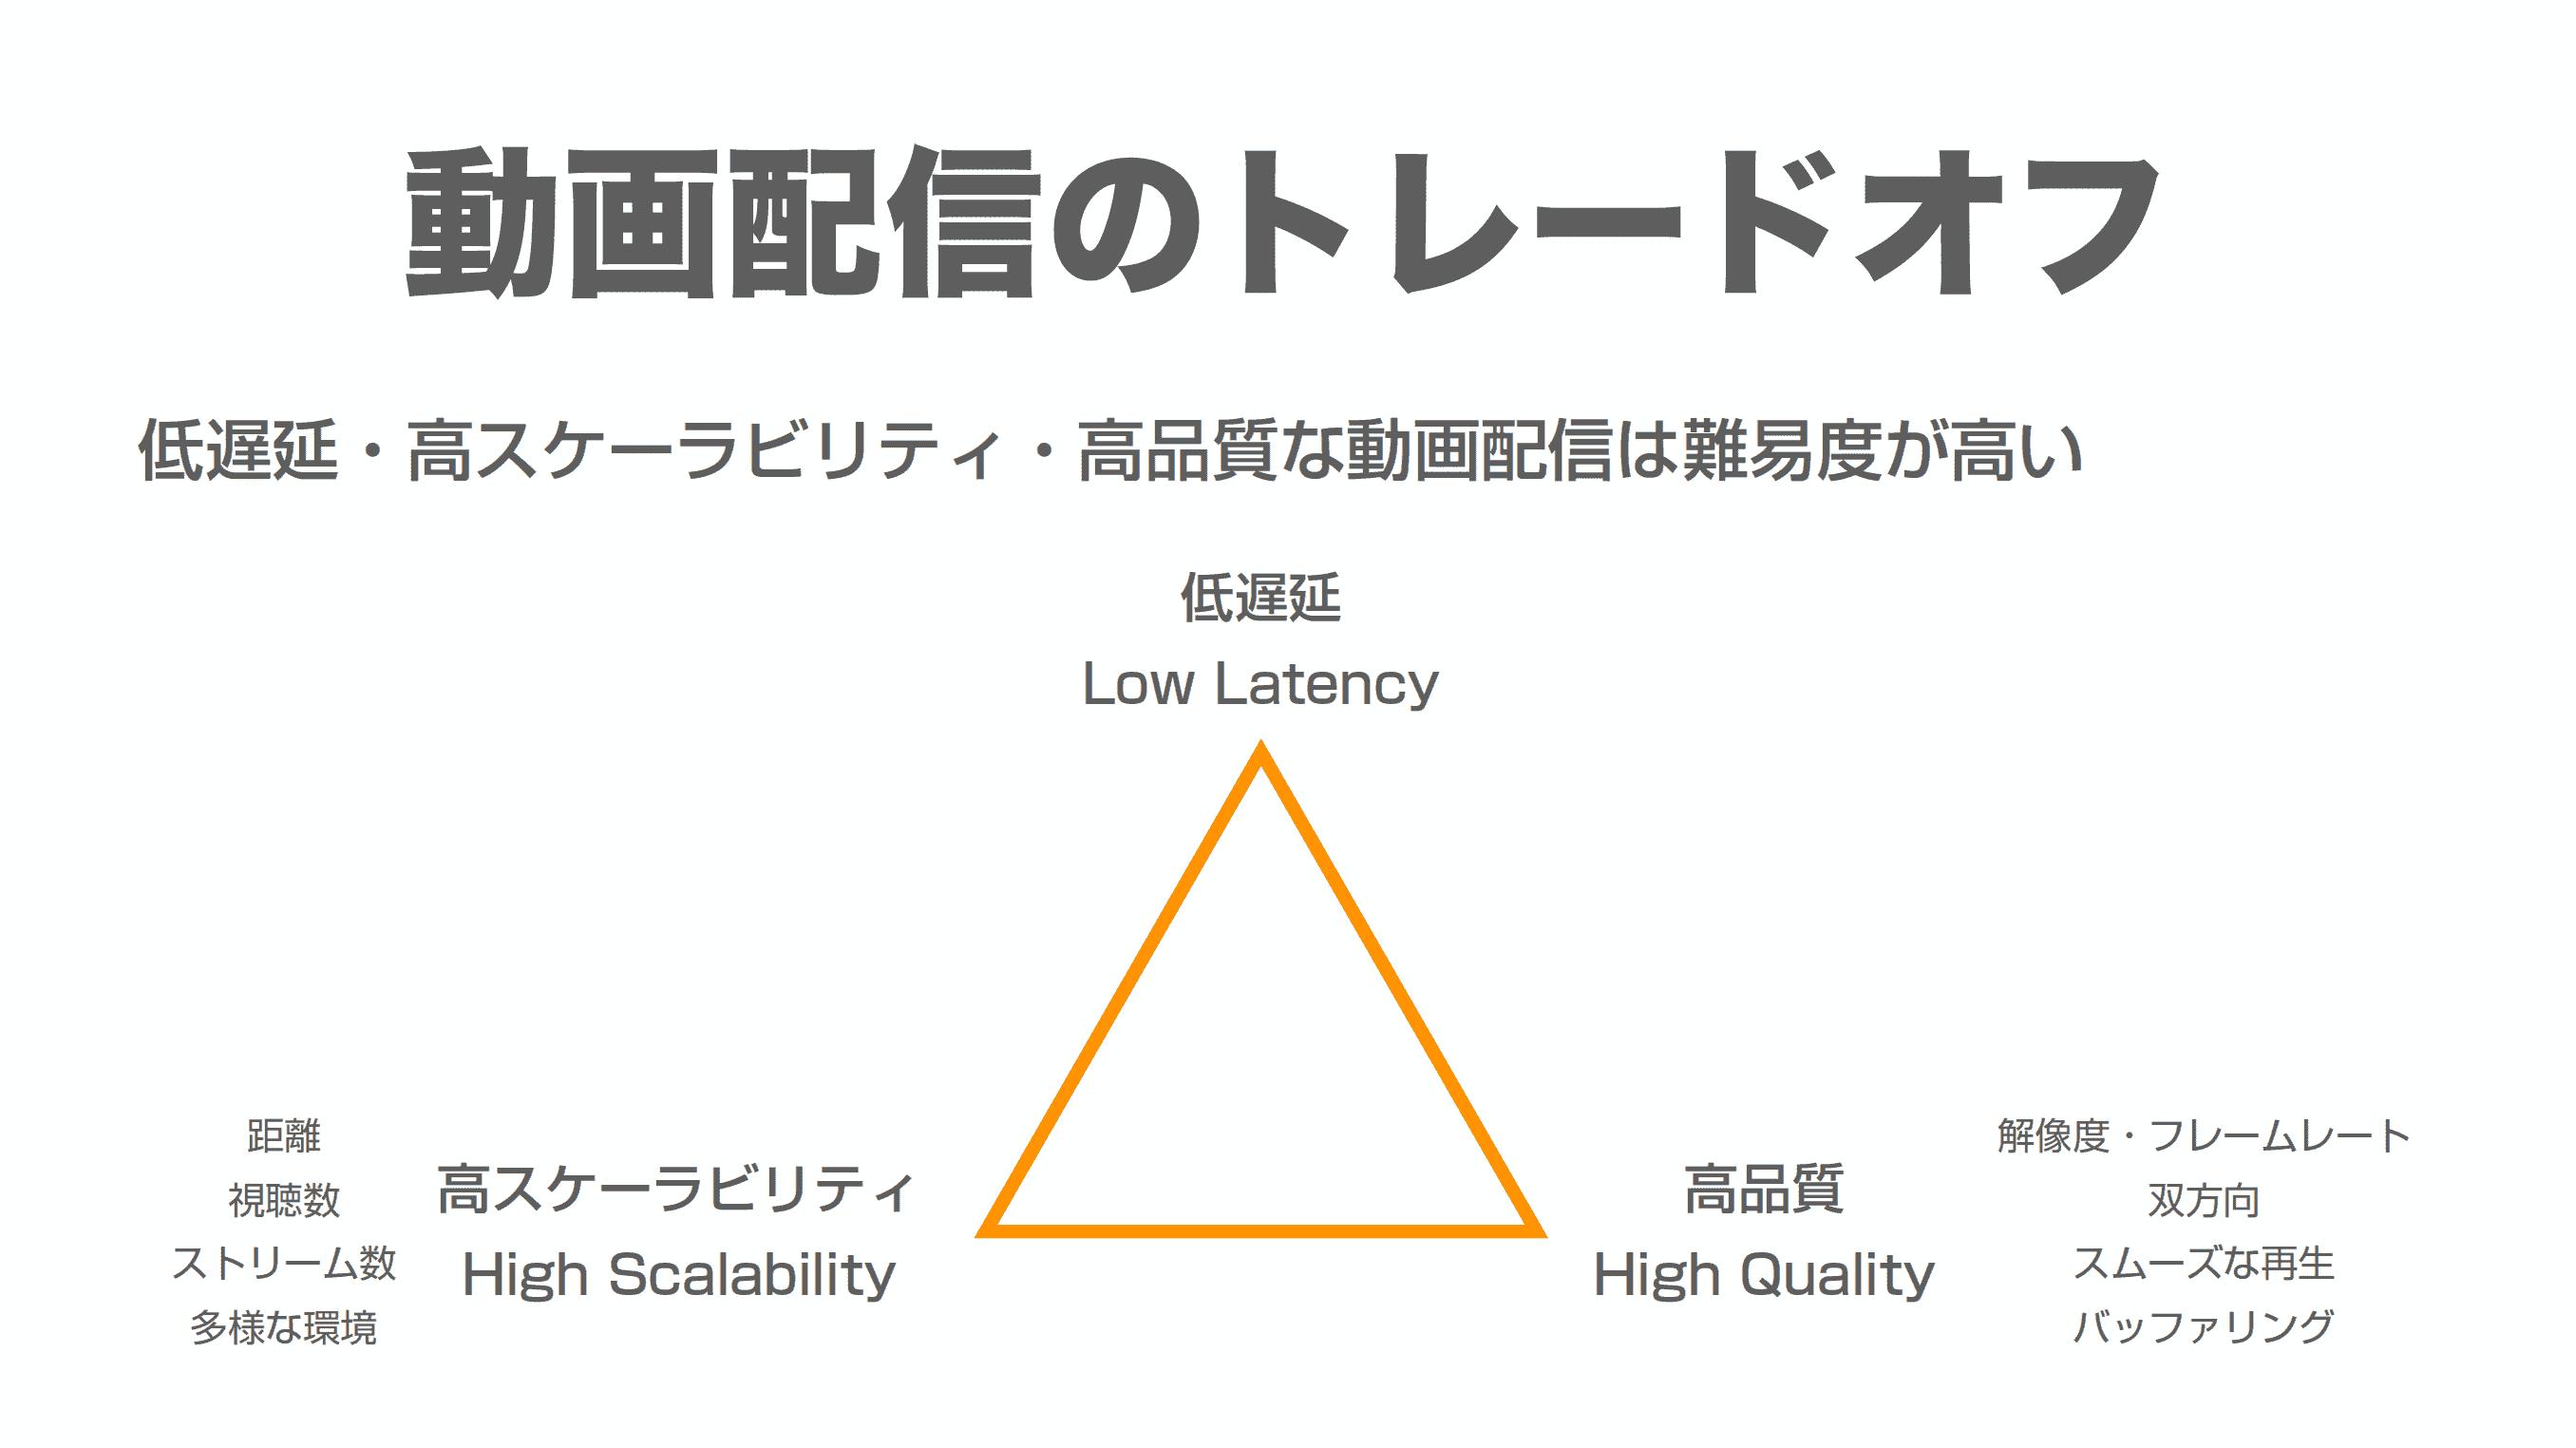 動画配信品質のトレードオフを説明したスライド